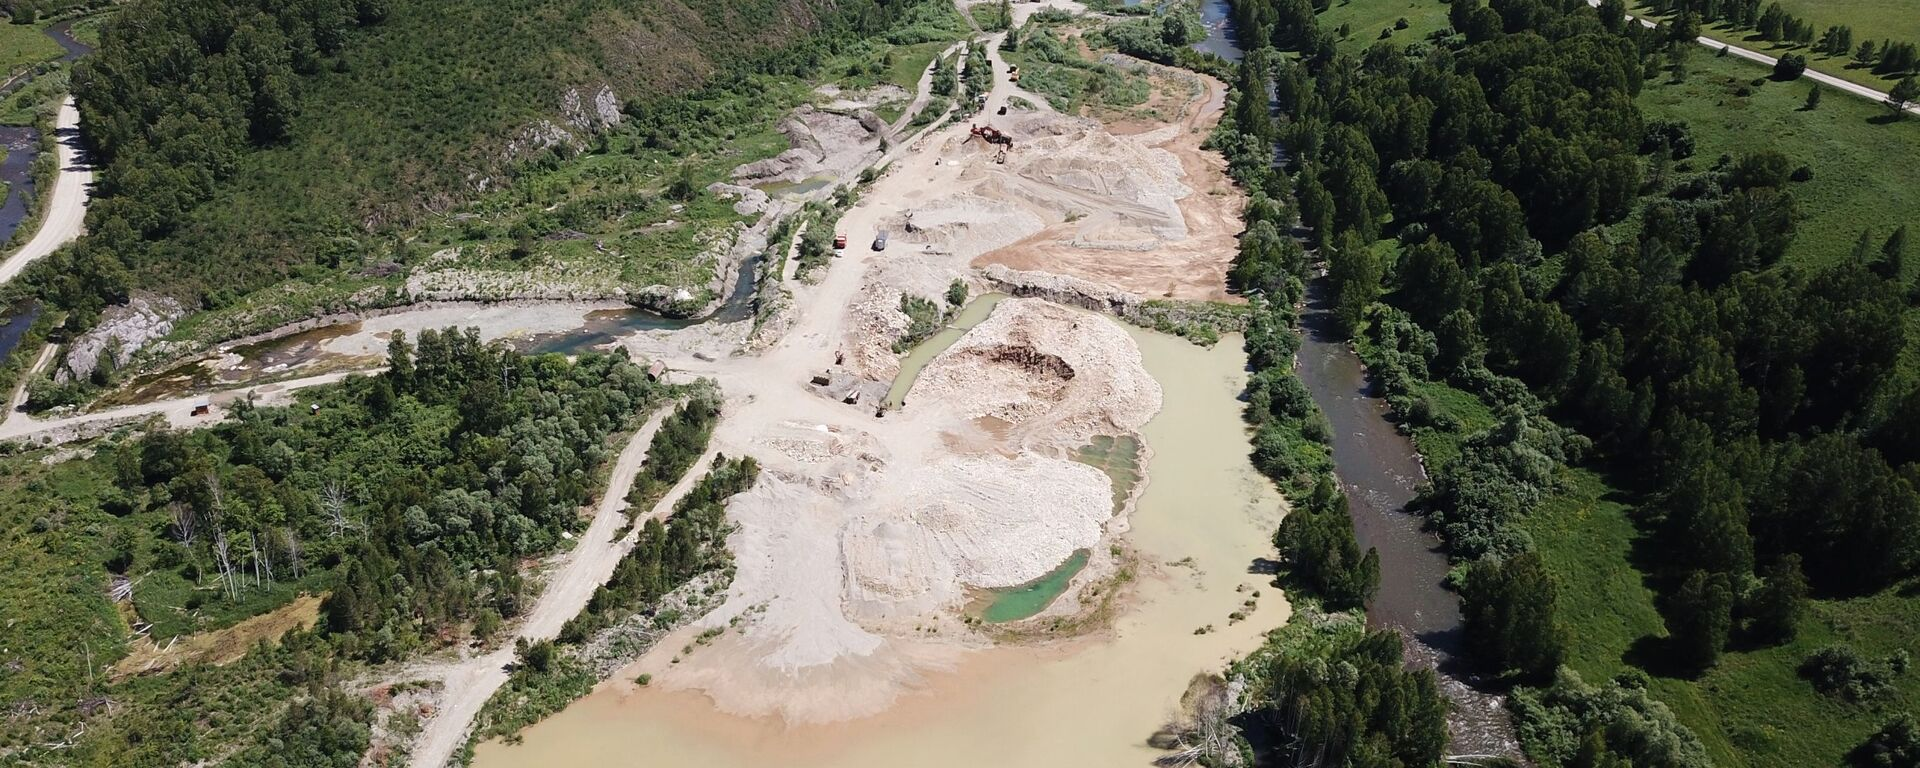 Rzeki Kraju Ałtajskiego zanieczyszczone poniżej miejsc wydobycia złota w złożach - Sputnik Polska, 1920, 12.07.2021